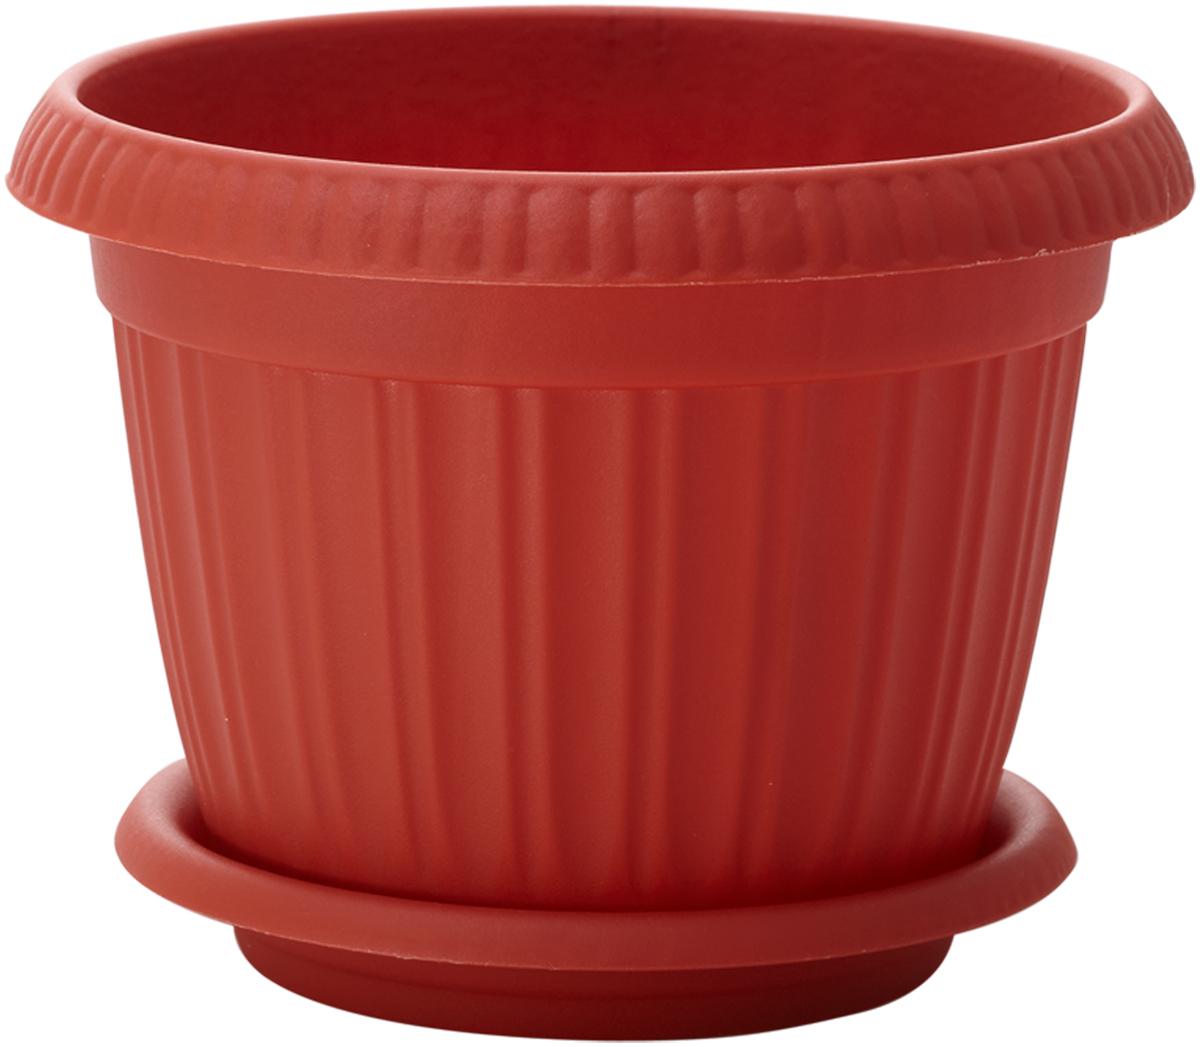 Горшок для цветов InGreen Таити, с подставкой, цвет: терракотовый, диаметр 23 смING41023FТРГоршок InGreen Таити выполнен из высококачественного полипропилена (пластика) и предназначен для выращивания цветов, растений и трав. Снабжен подставкой для стока воды.Такой горшок порадует вас функциональностью, а благодаря лаконичному дизайну впишется в любой интерьер помещения.Диаметр горшка по верхнему краю: 23 см. Высота горшка: 17,5 см. Диаметр подставки: 19 см.